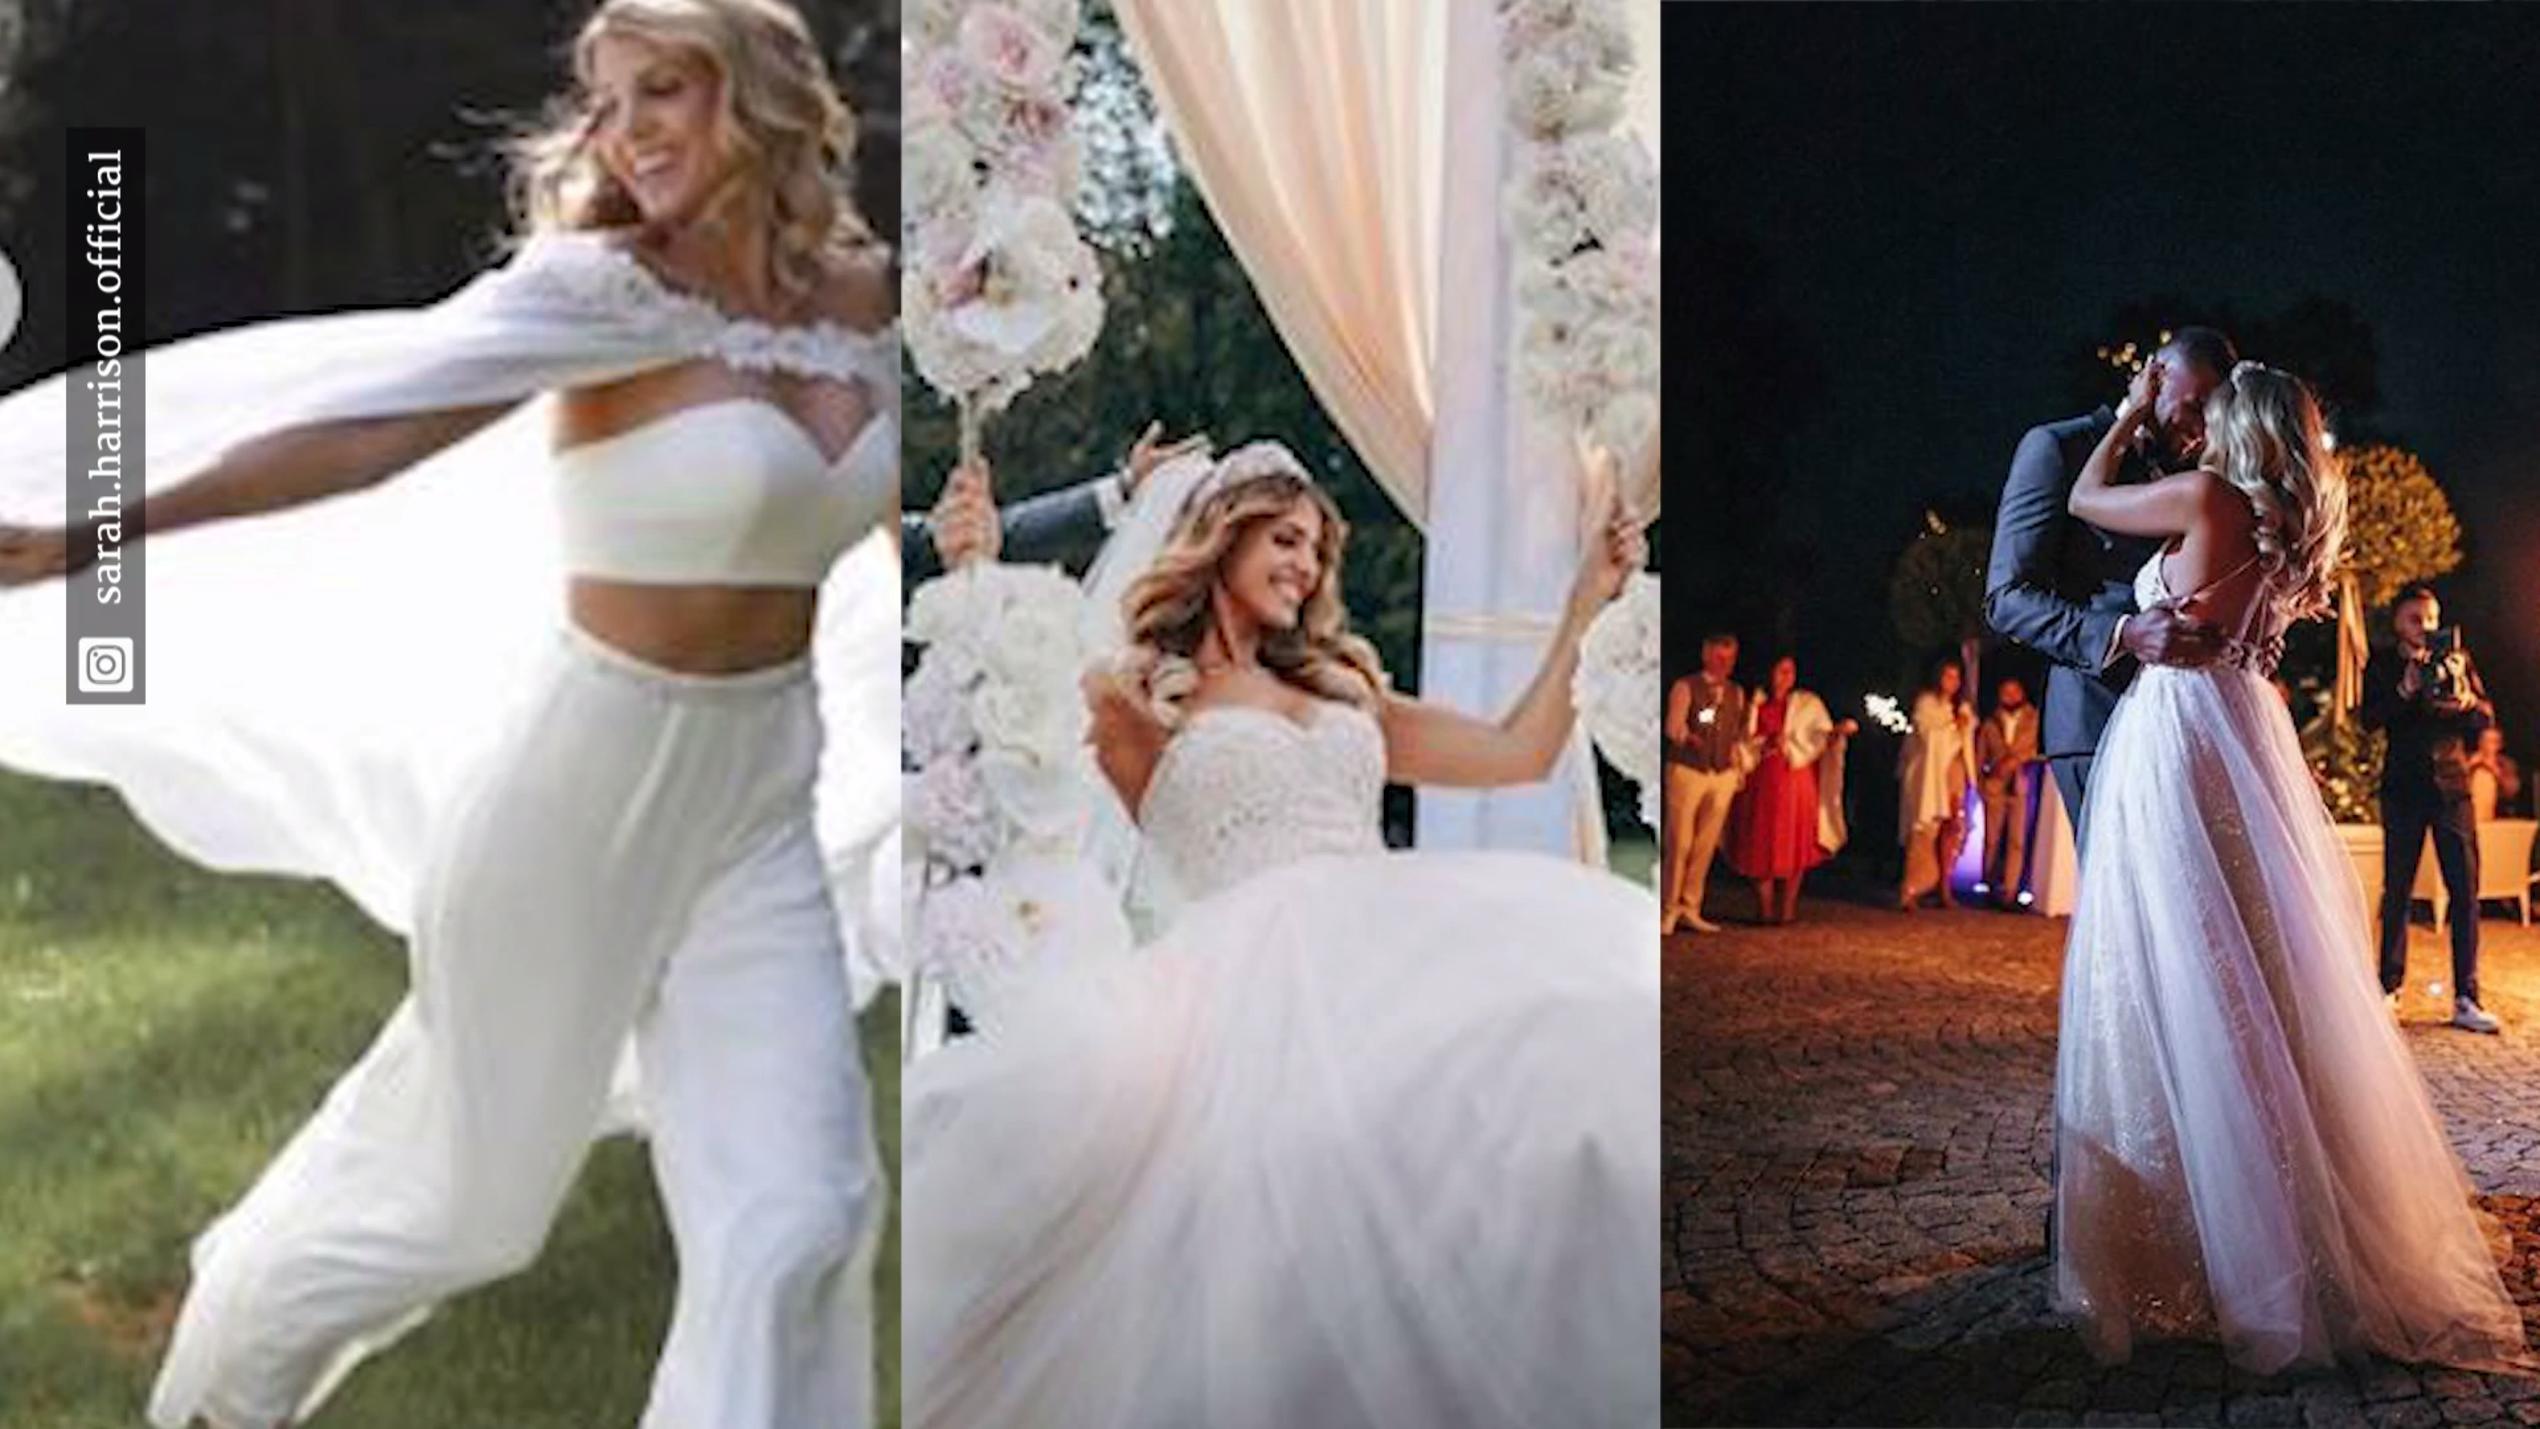 Das passiert mit Sarah Harrisons Hochzeitskleidern